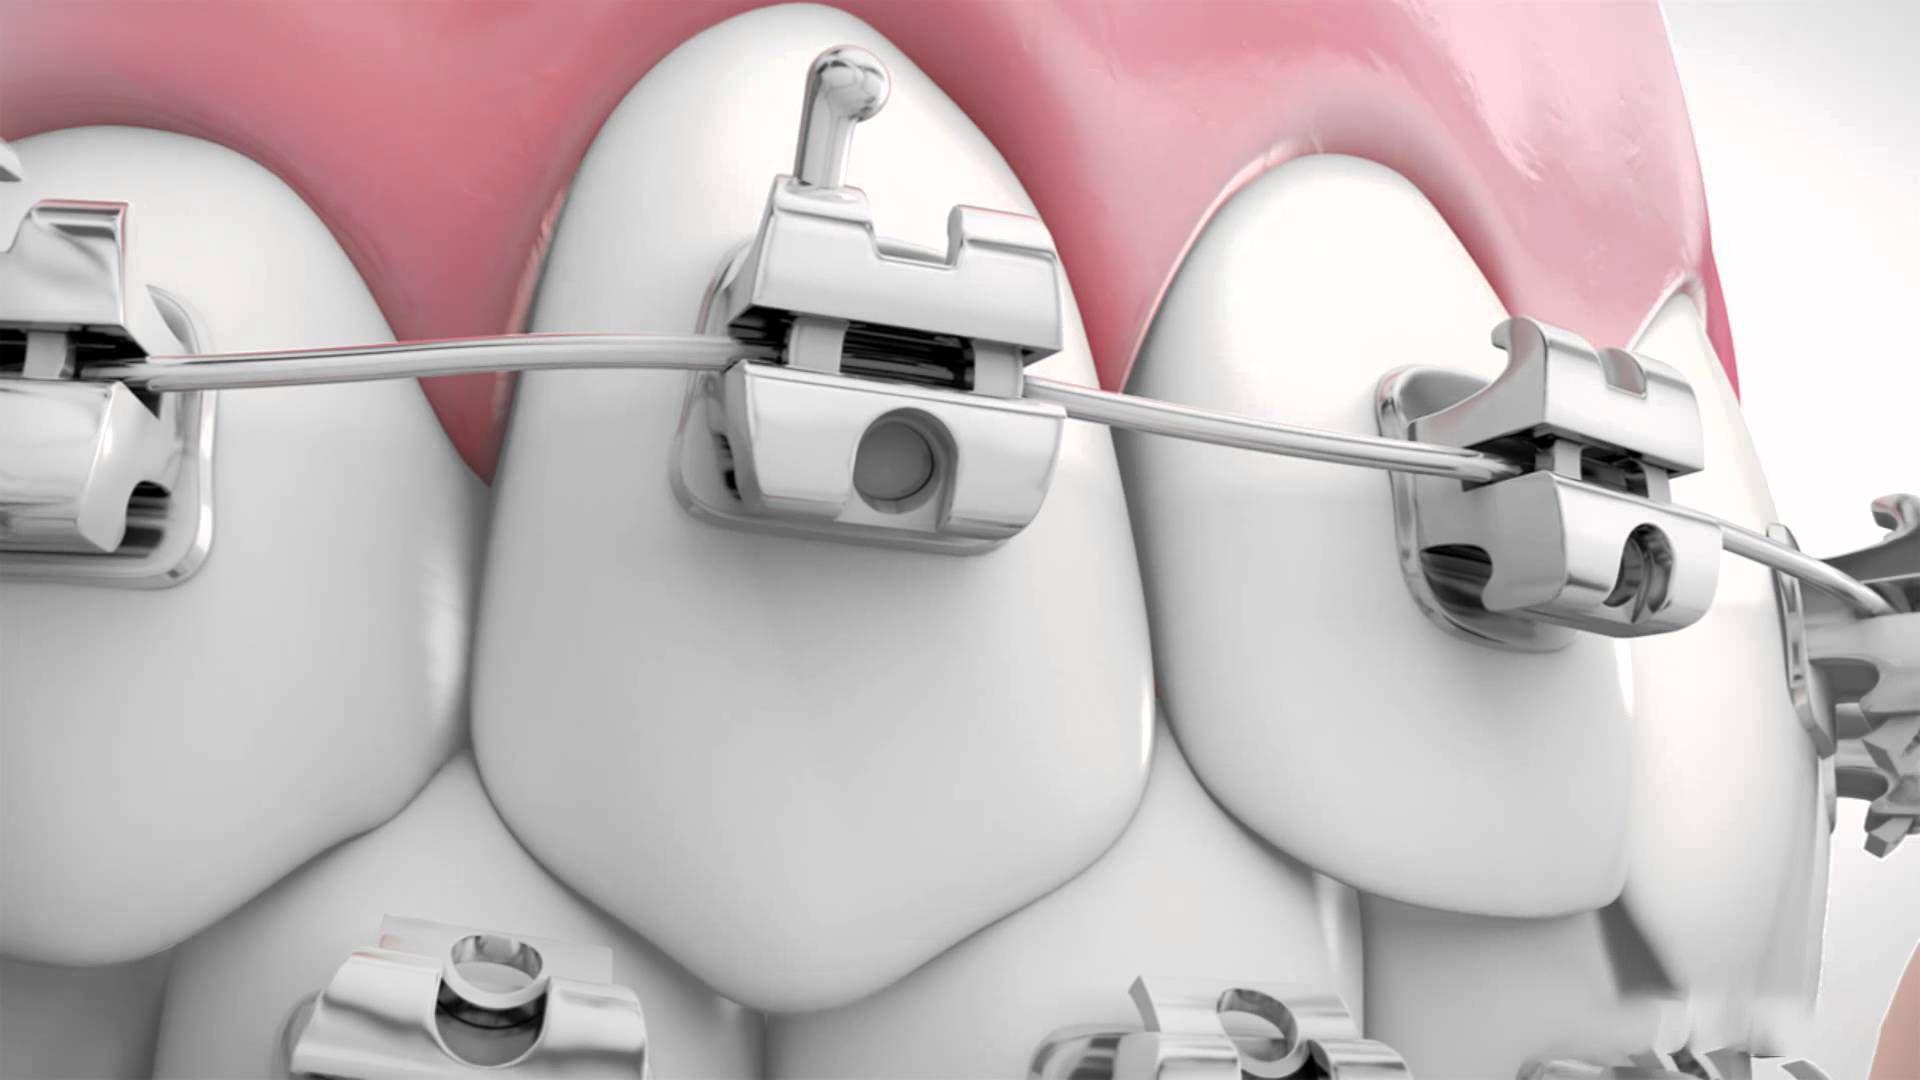 Niềng răng bằng mắc cài tự động có 2 ưu điểm là nắp cài được thiết kế tự động và không cần sử dụng đến dây thun